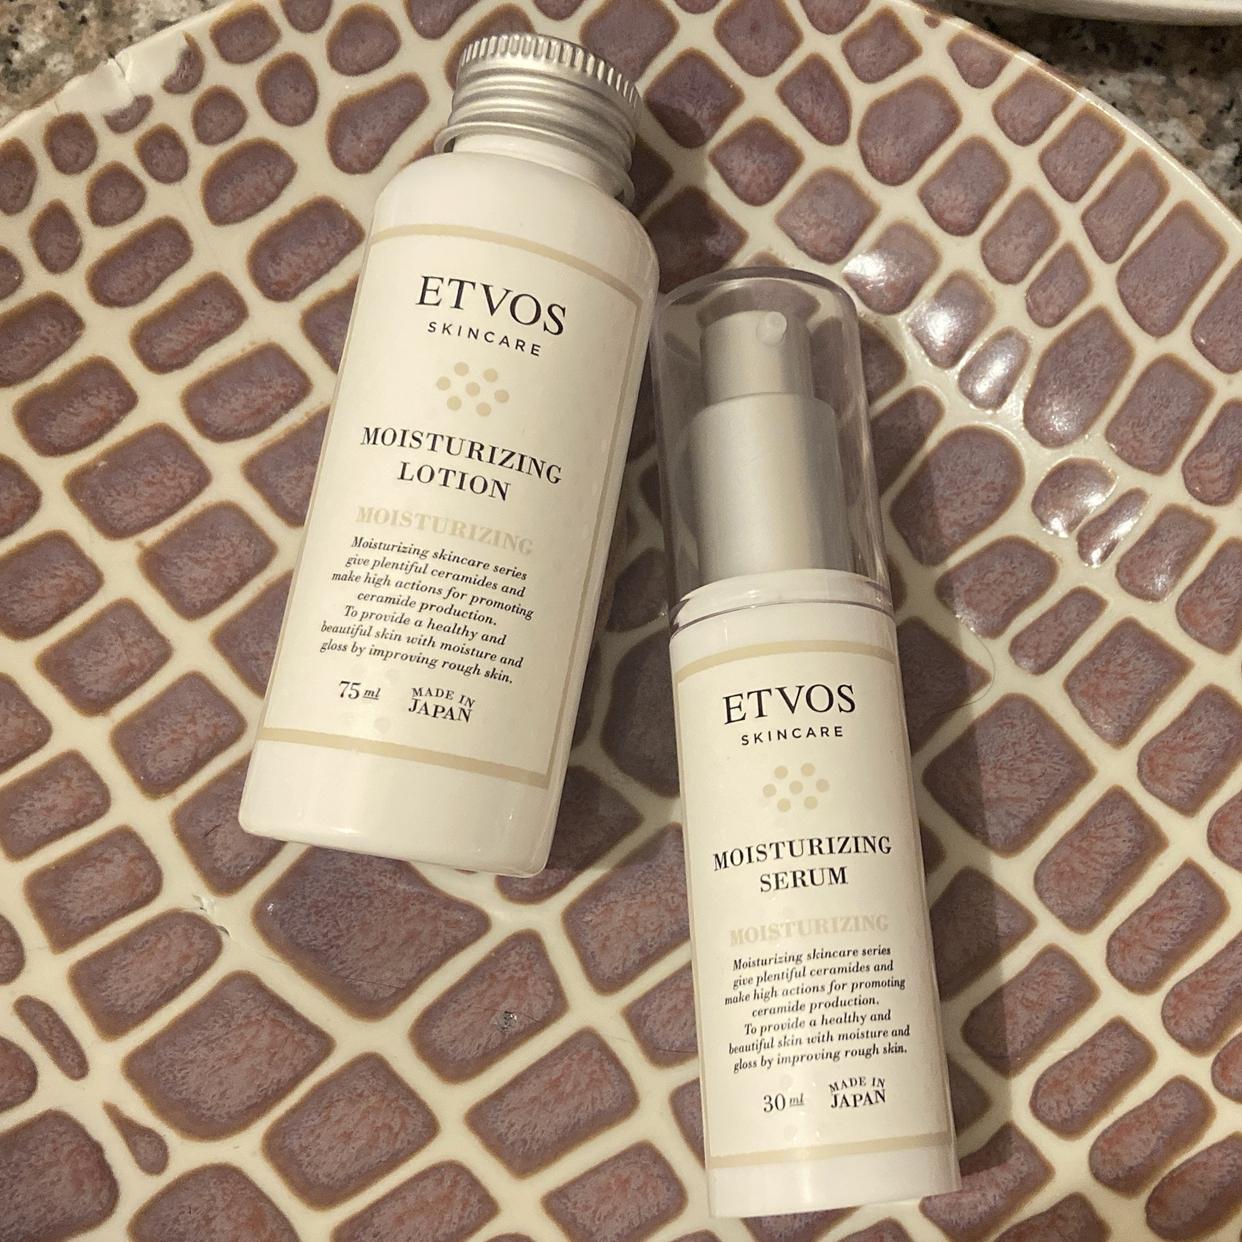 ETVOS(エトヴォス) モイスチャライジングローションを使ったmakaさんのクチコミ画像